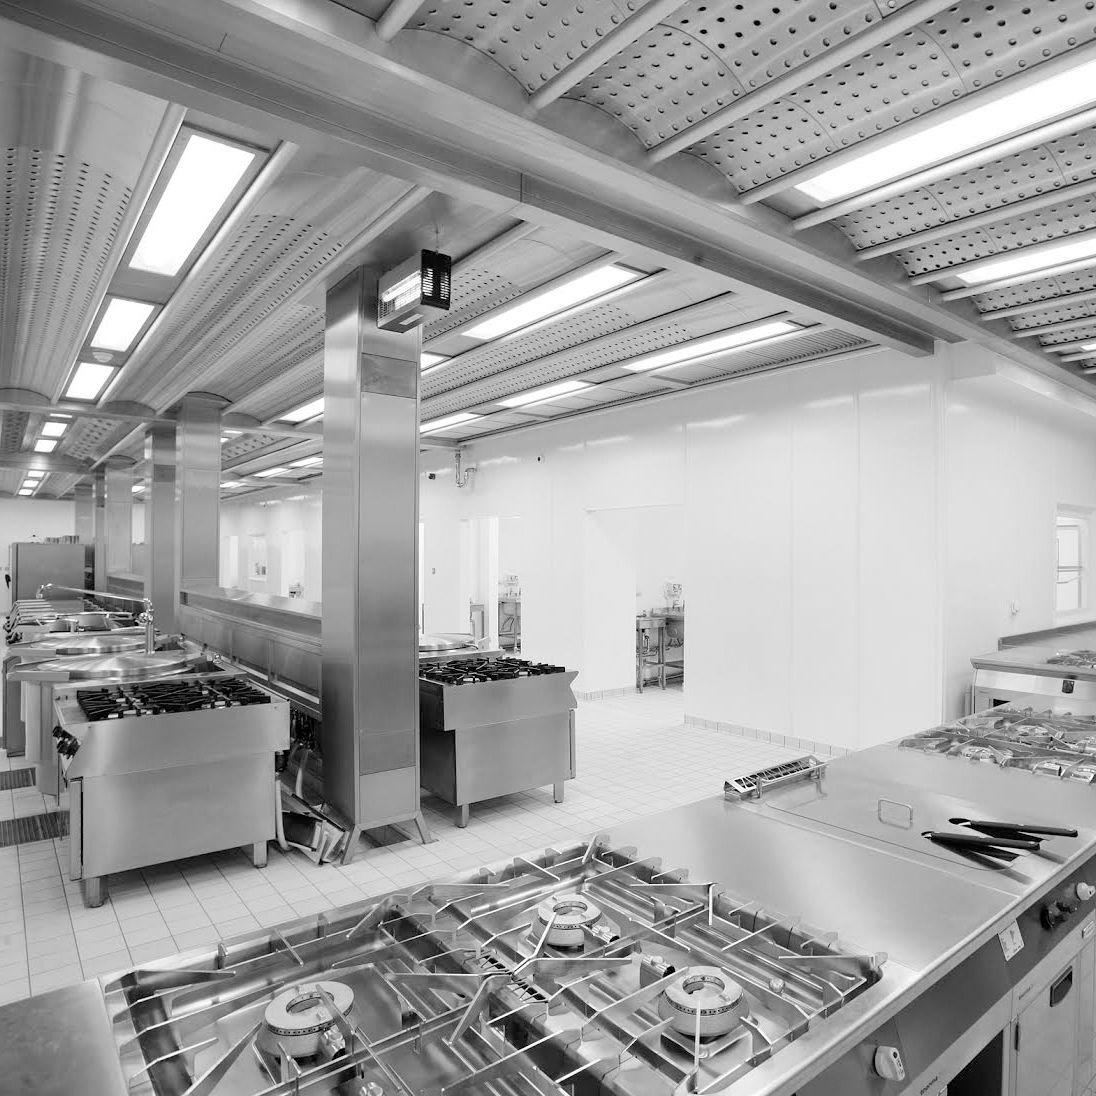 Commercial ventilated ceiling - SPANTILE CEILING - Vianen Kitchen ...